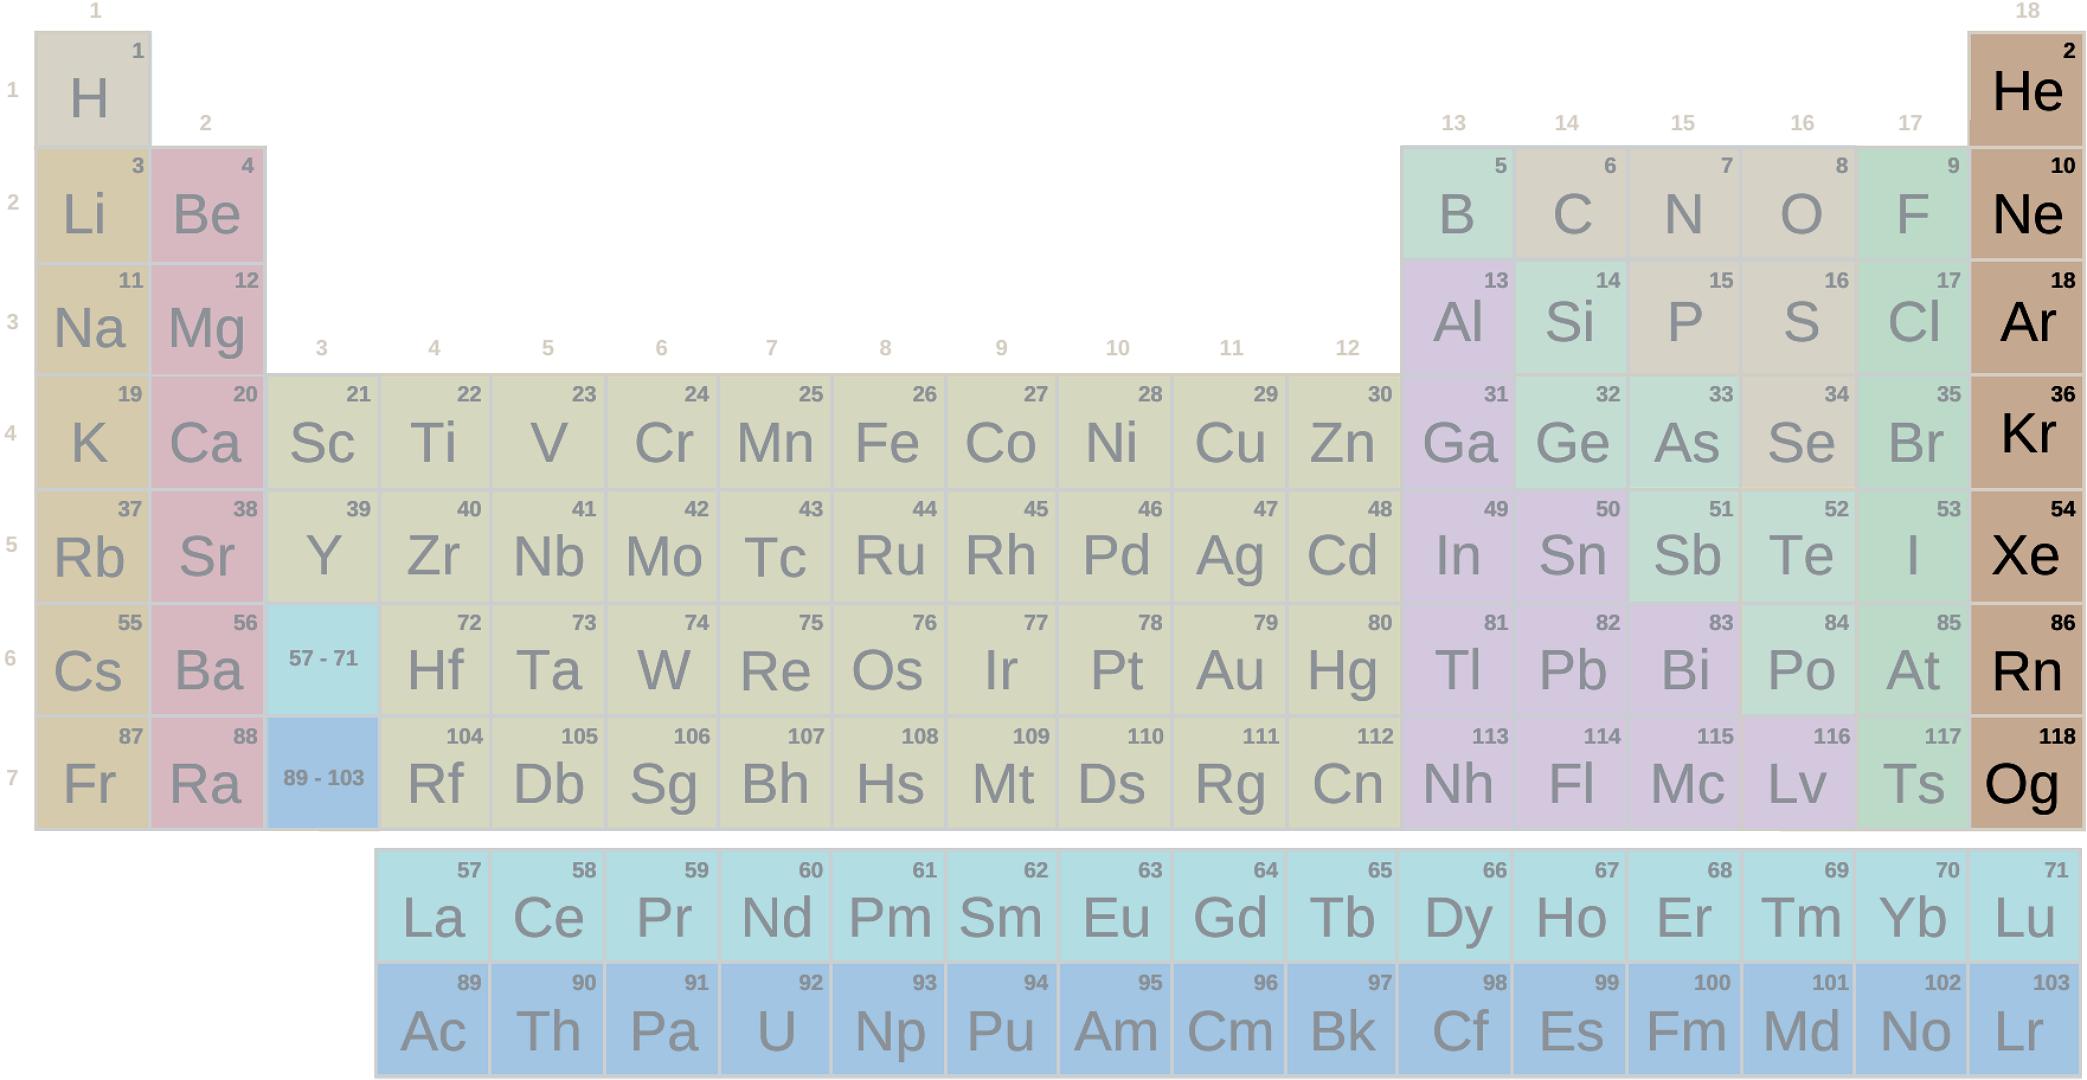 Tavola periodica, gruppo gas nobile (difficile)